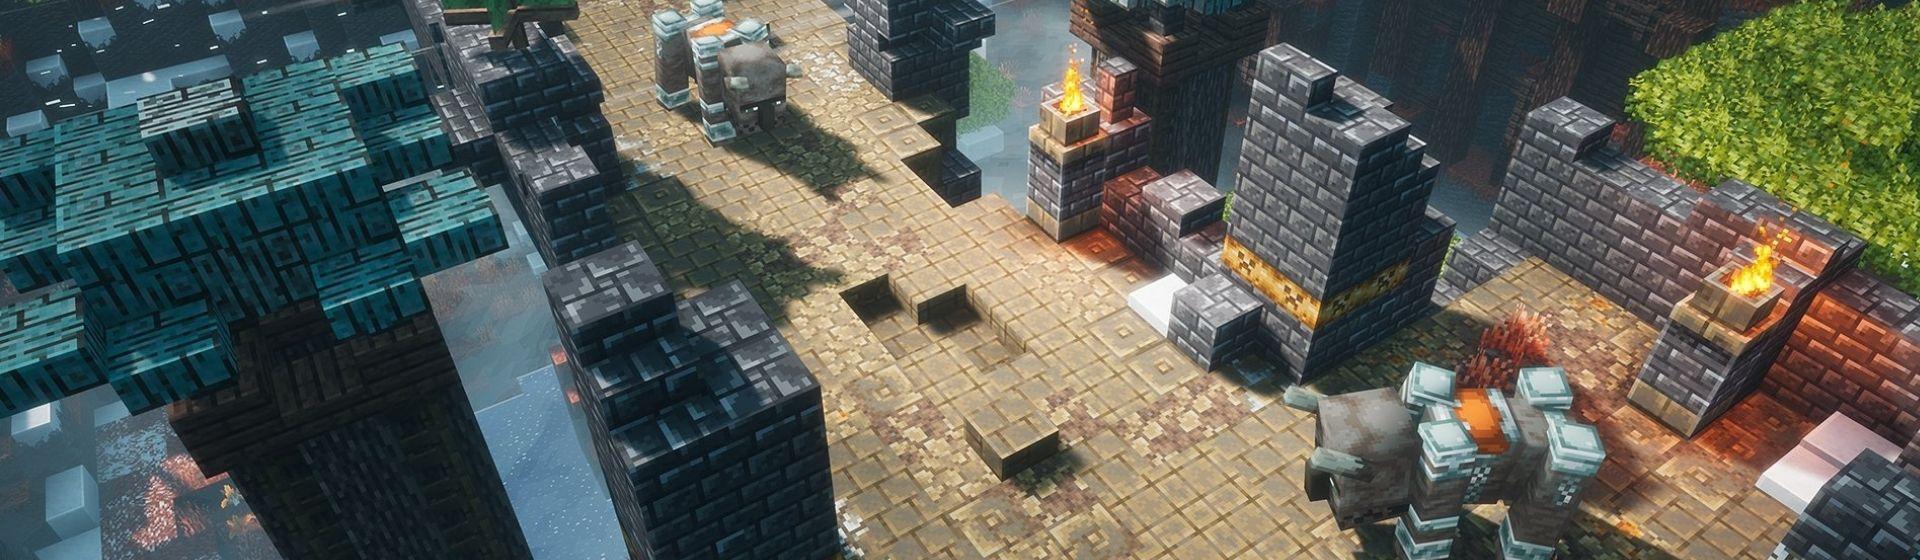 Como fazer concreto no Minecraft? Melhore suas construções no game